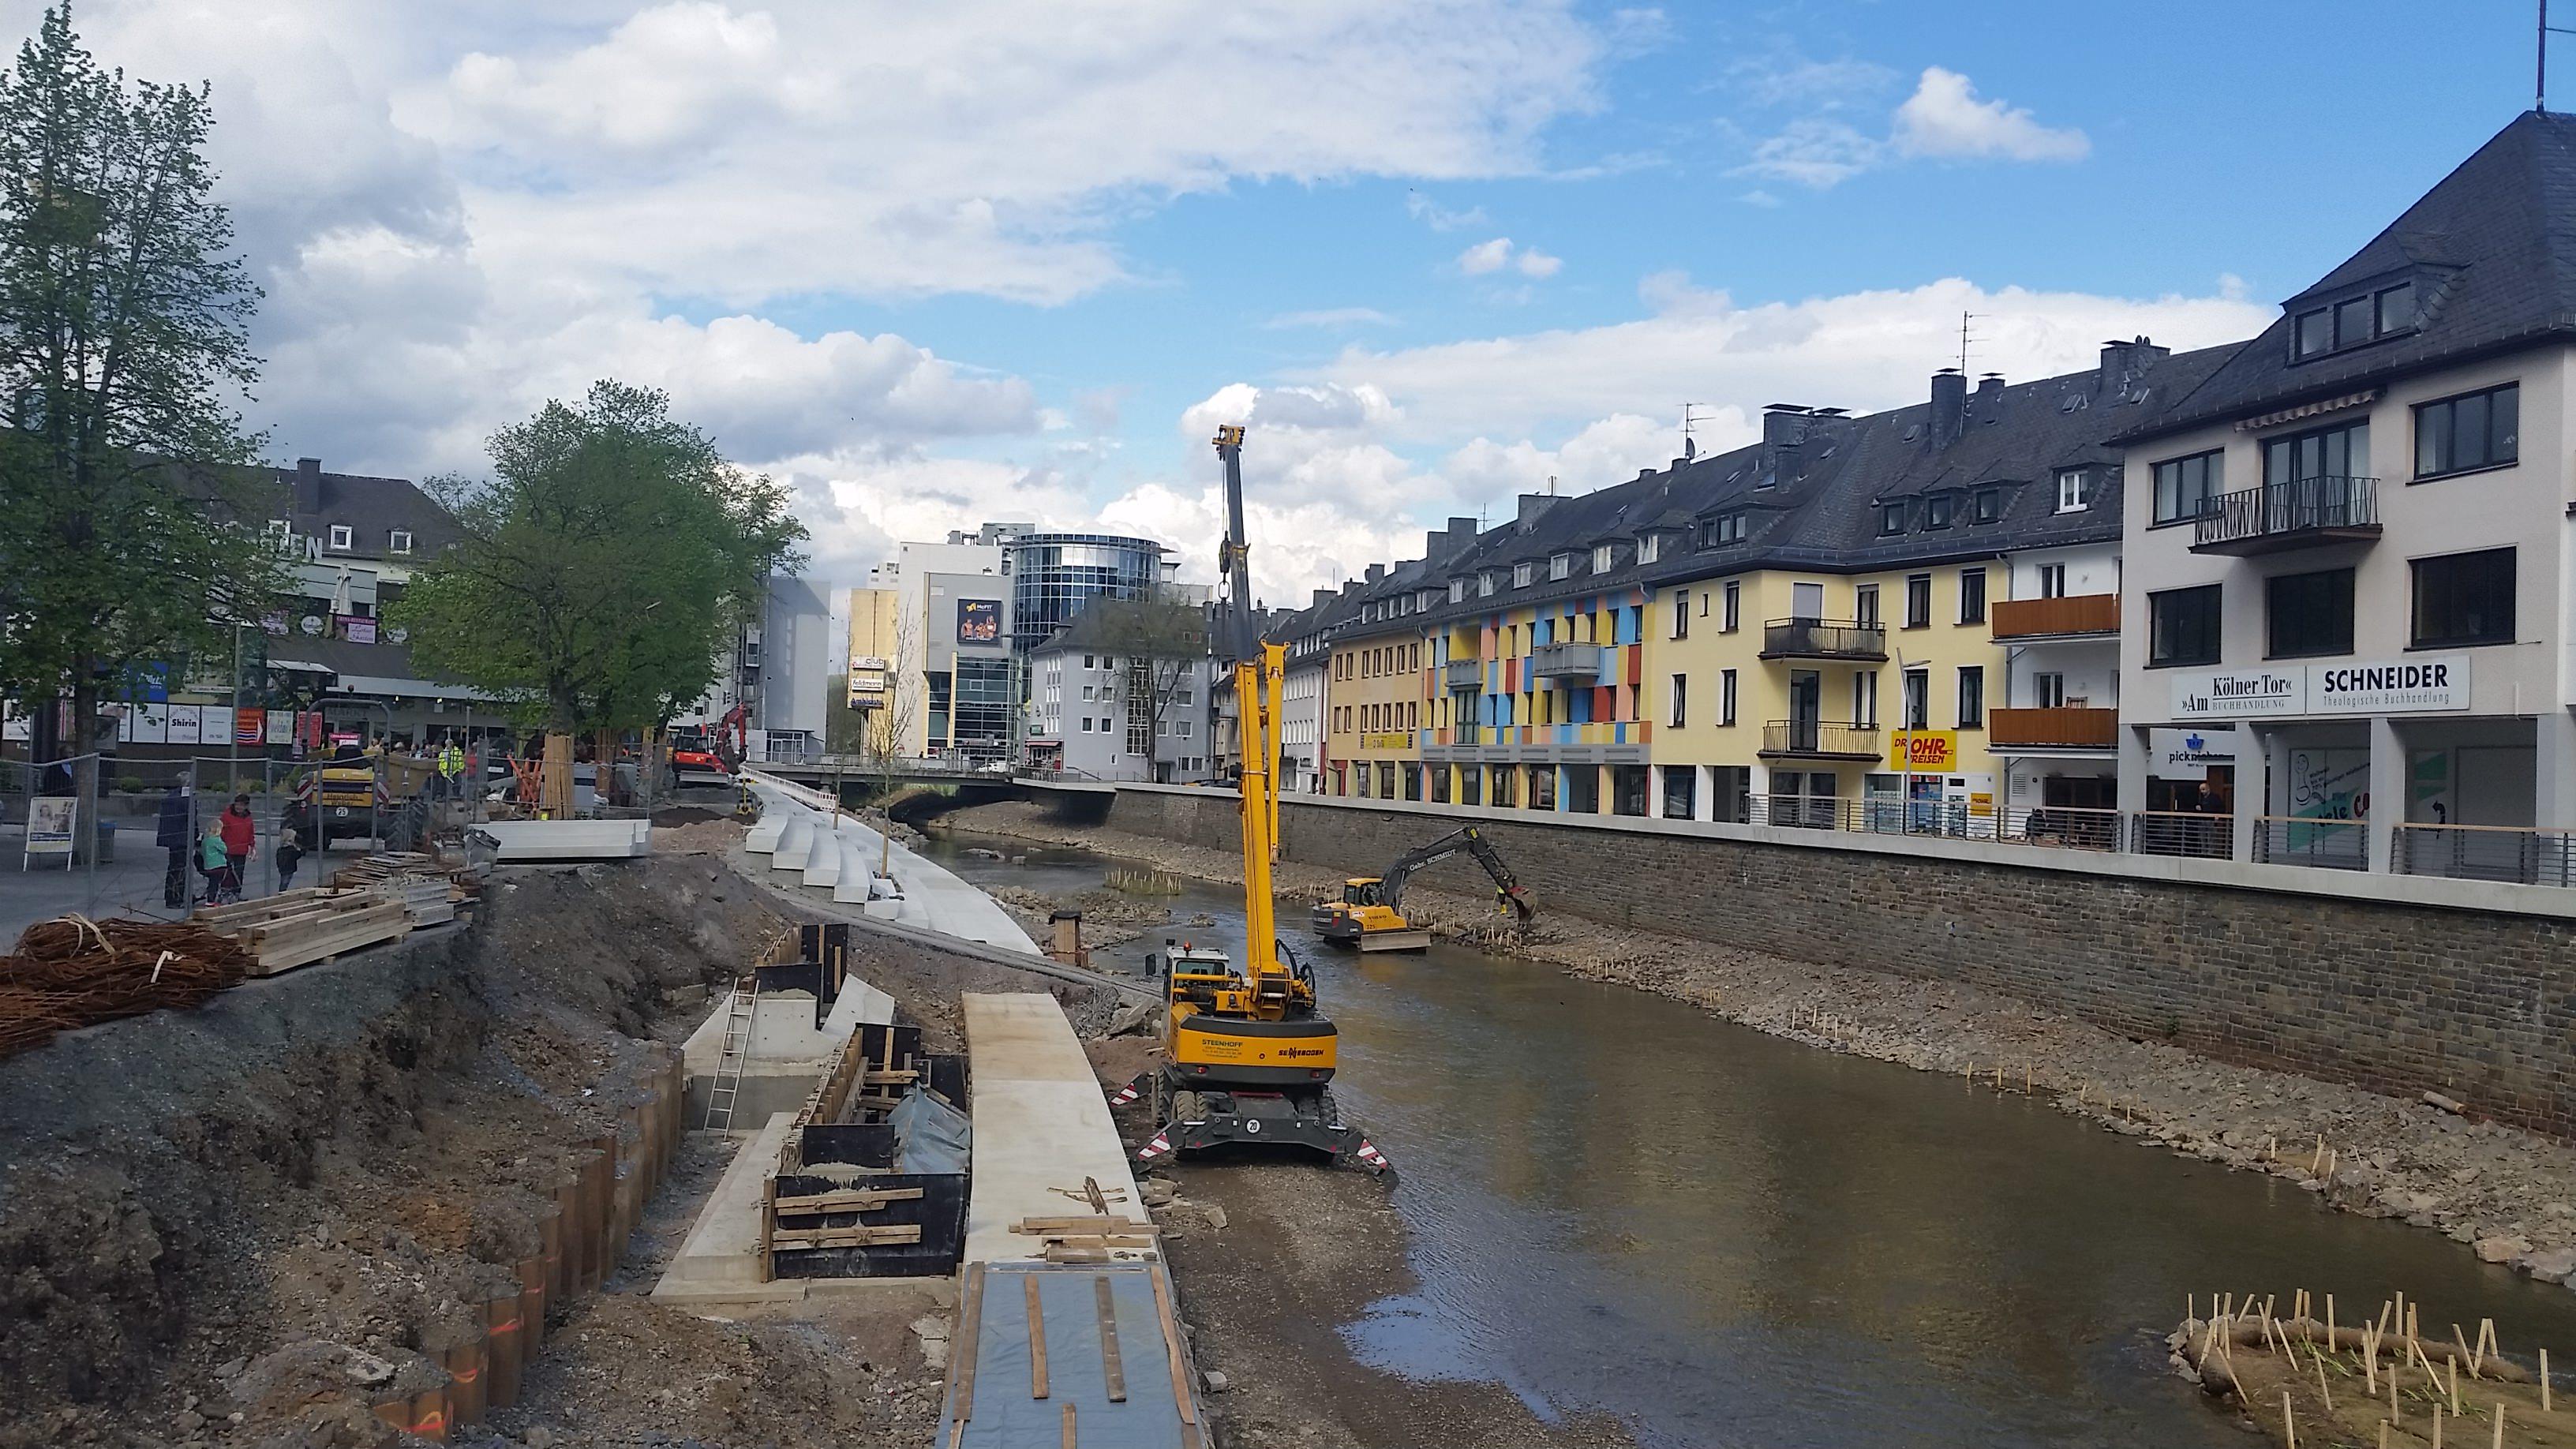 Auf zu neuen Ufern in Siegen: 230 weniger Parkplätze für mehr Aufenthaltsqualität am Fluss